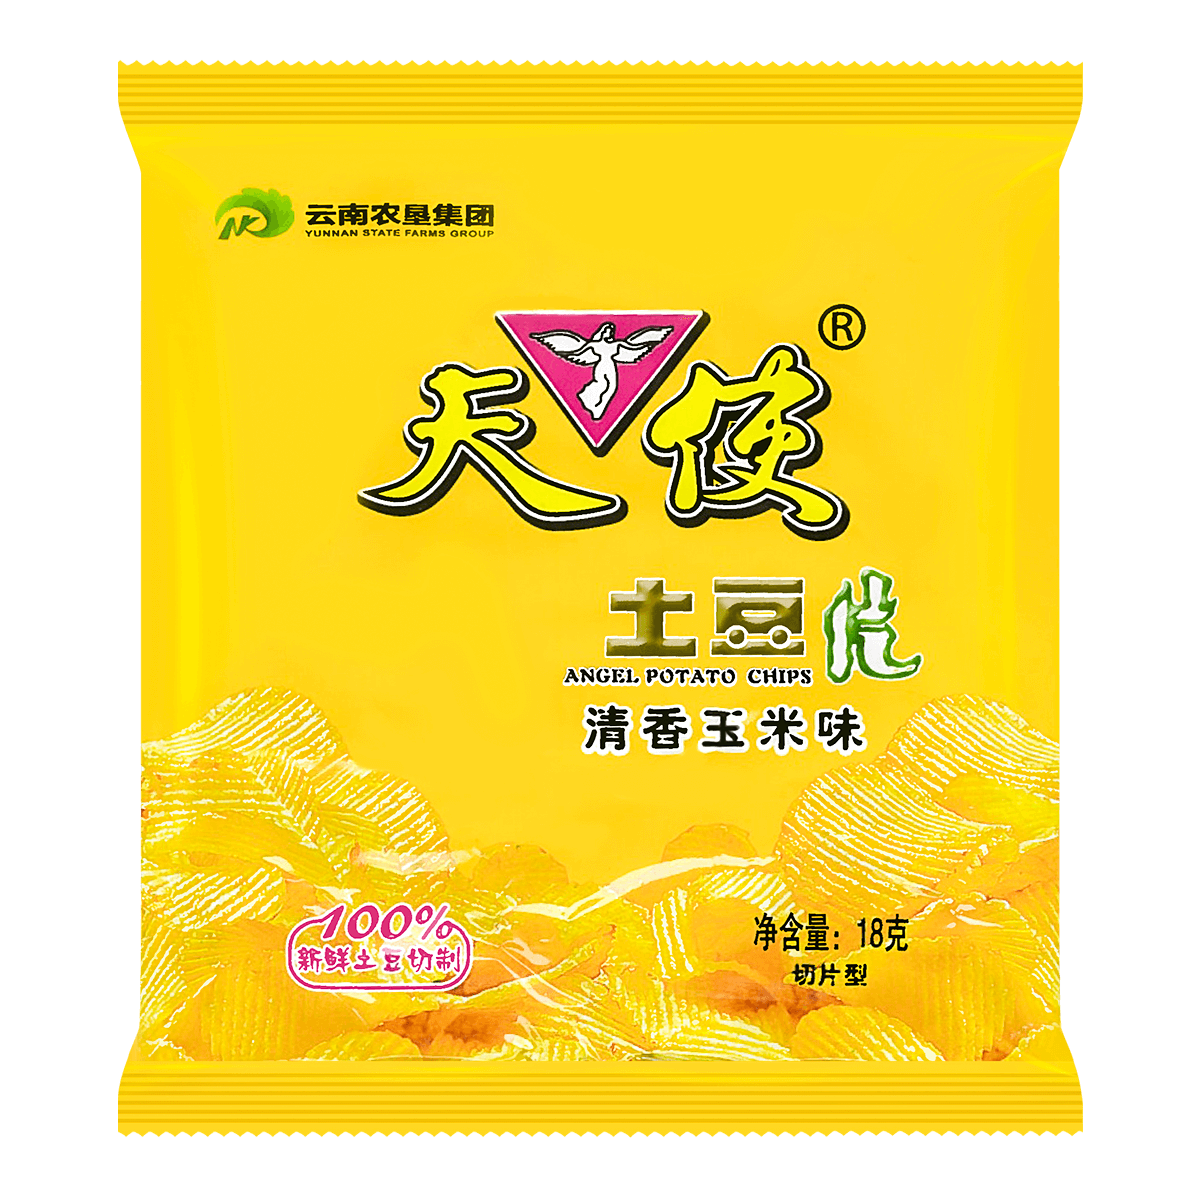 天使 土豆片 清香玉米味 18g